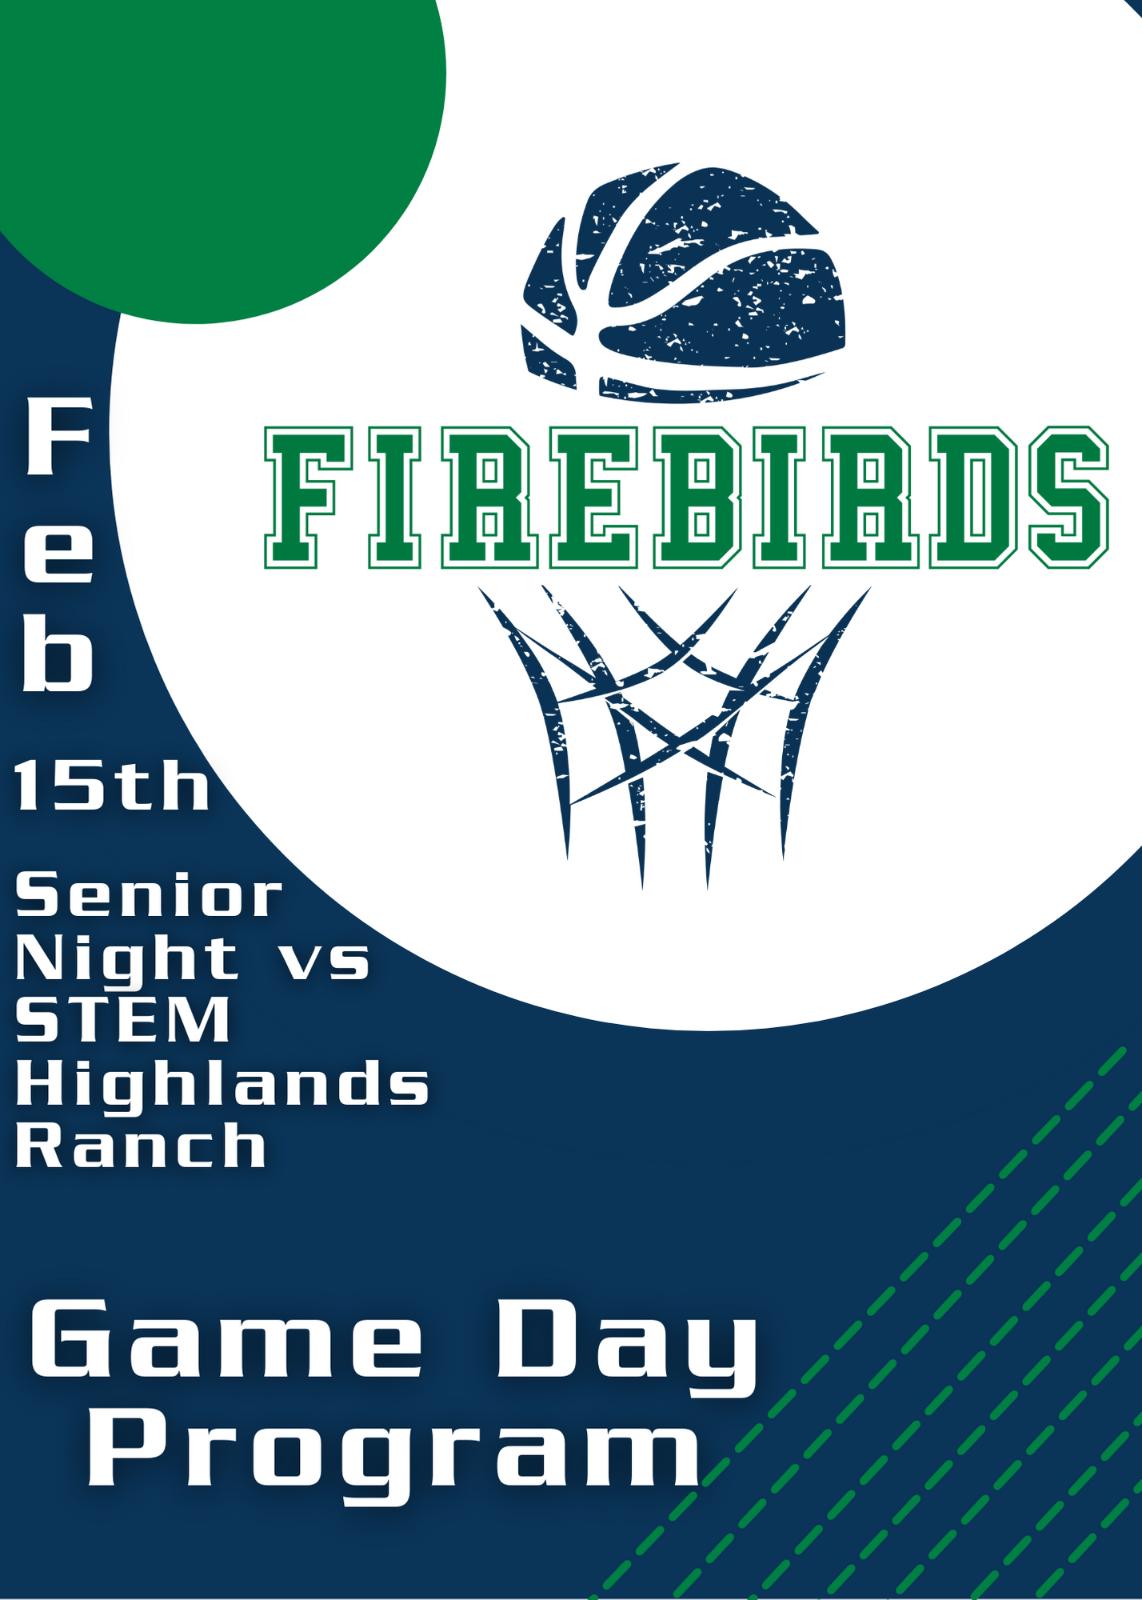 Boys Basketball Senior Night Game Day Program 2/15/21